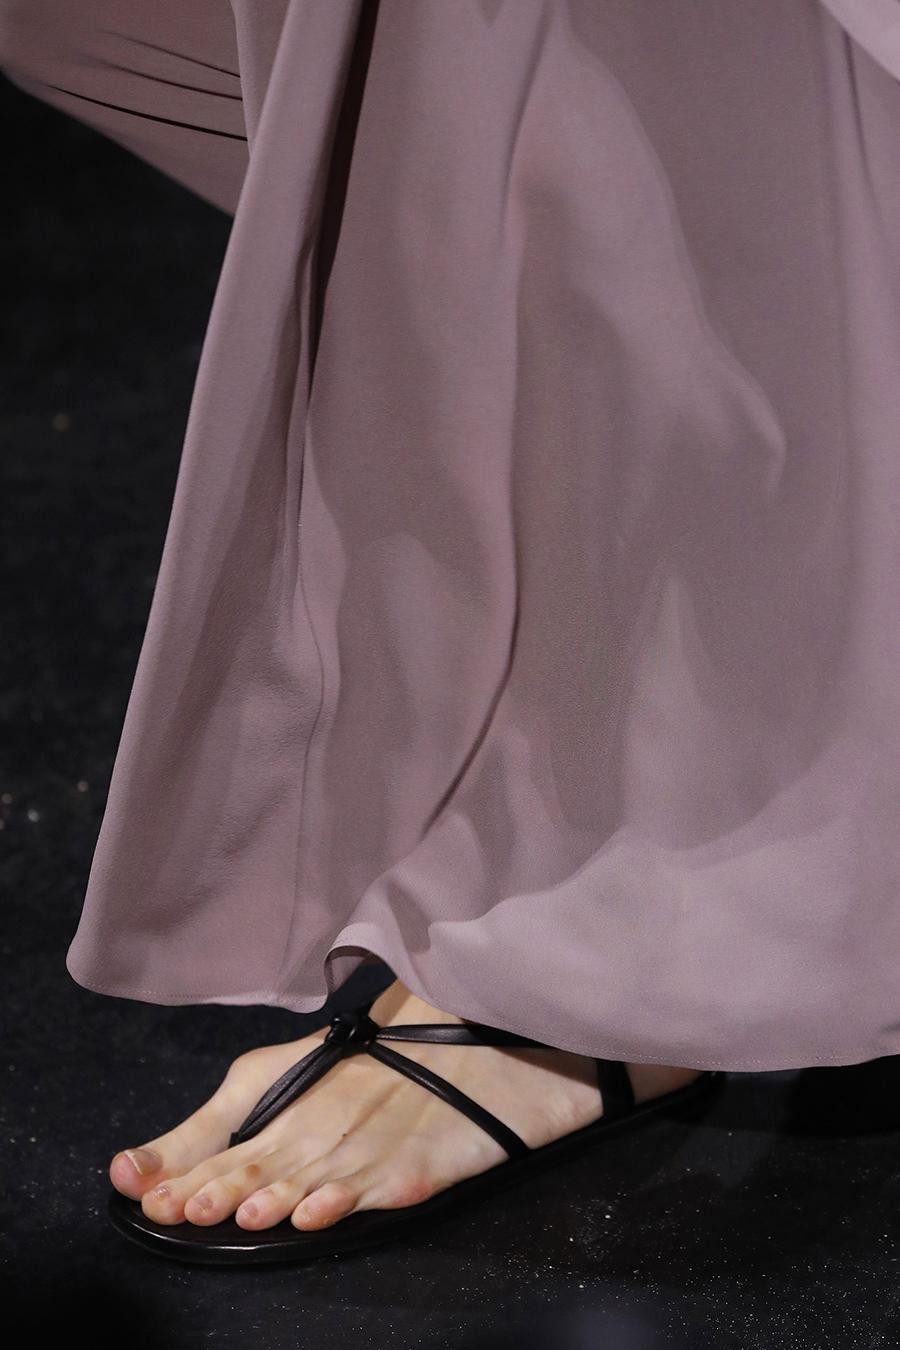 модная обувь лето 2021 на низком ходу плоская подошва без каблука женская босоножки сандалии вьетнамки тонкие ремешки черные